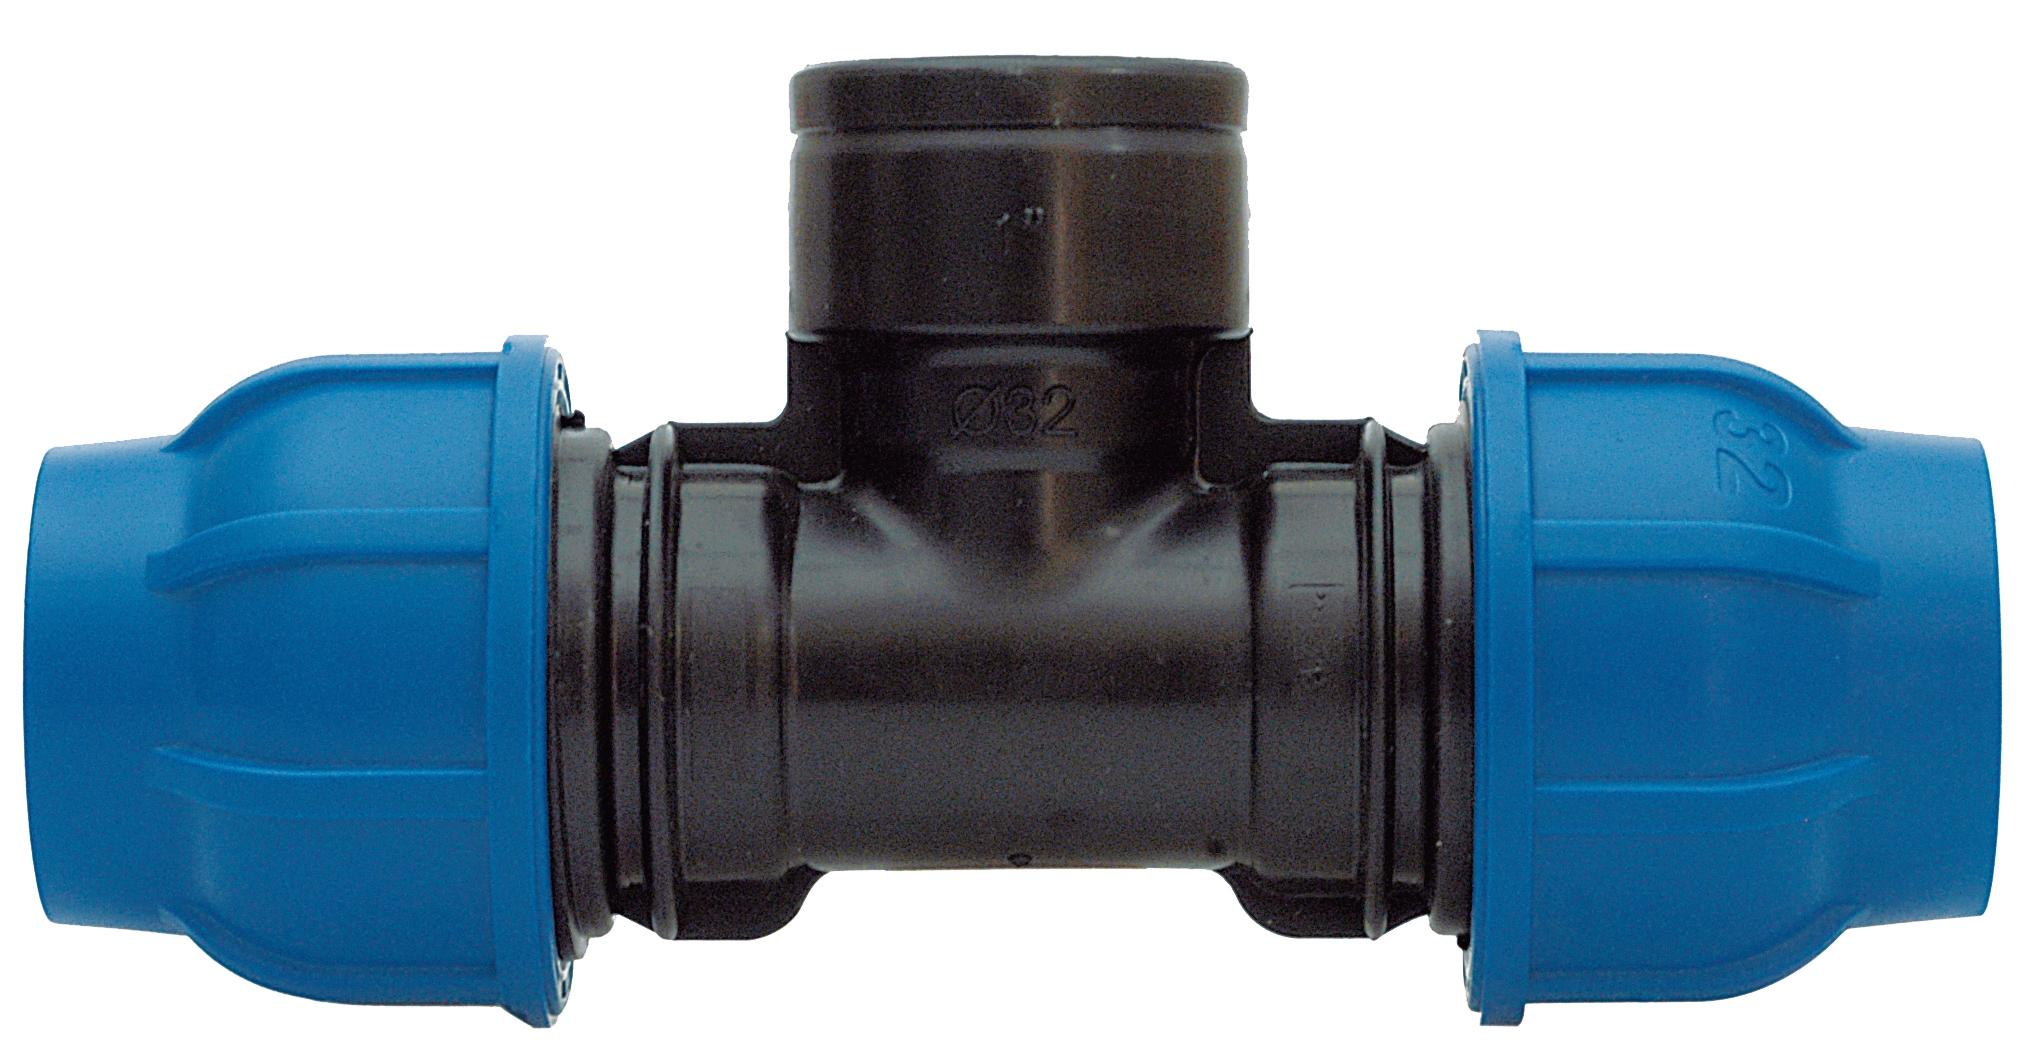 Top DUG GmbH - PE-Rohr T-Stück mit IG-Abzweigung 32 mm x 1/2